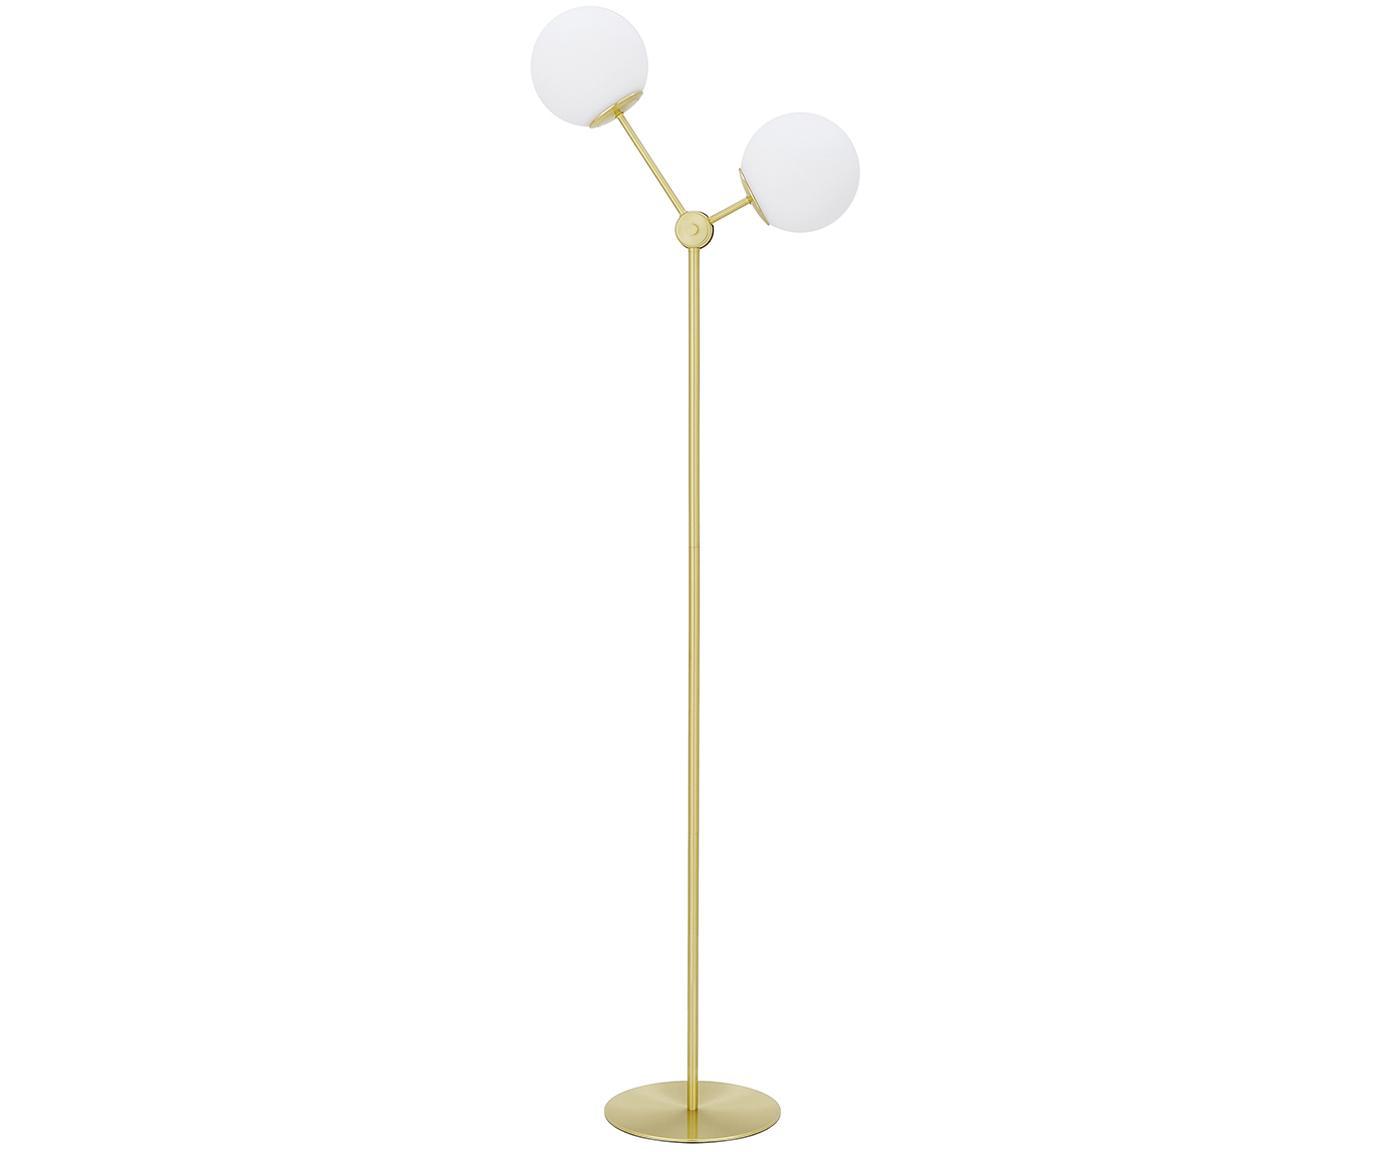 Lampada da terra in oro Aurelia, Paralume: vetro, Base della lampada: metallo ottonato, Ottone, bianco, Ø 25 x Alt. 155 cm